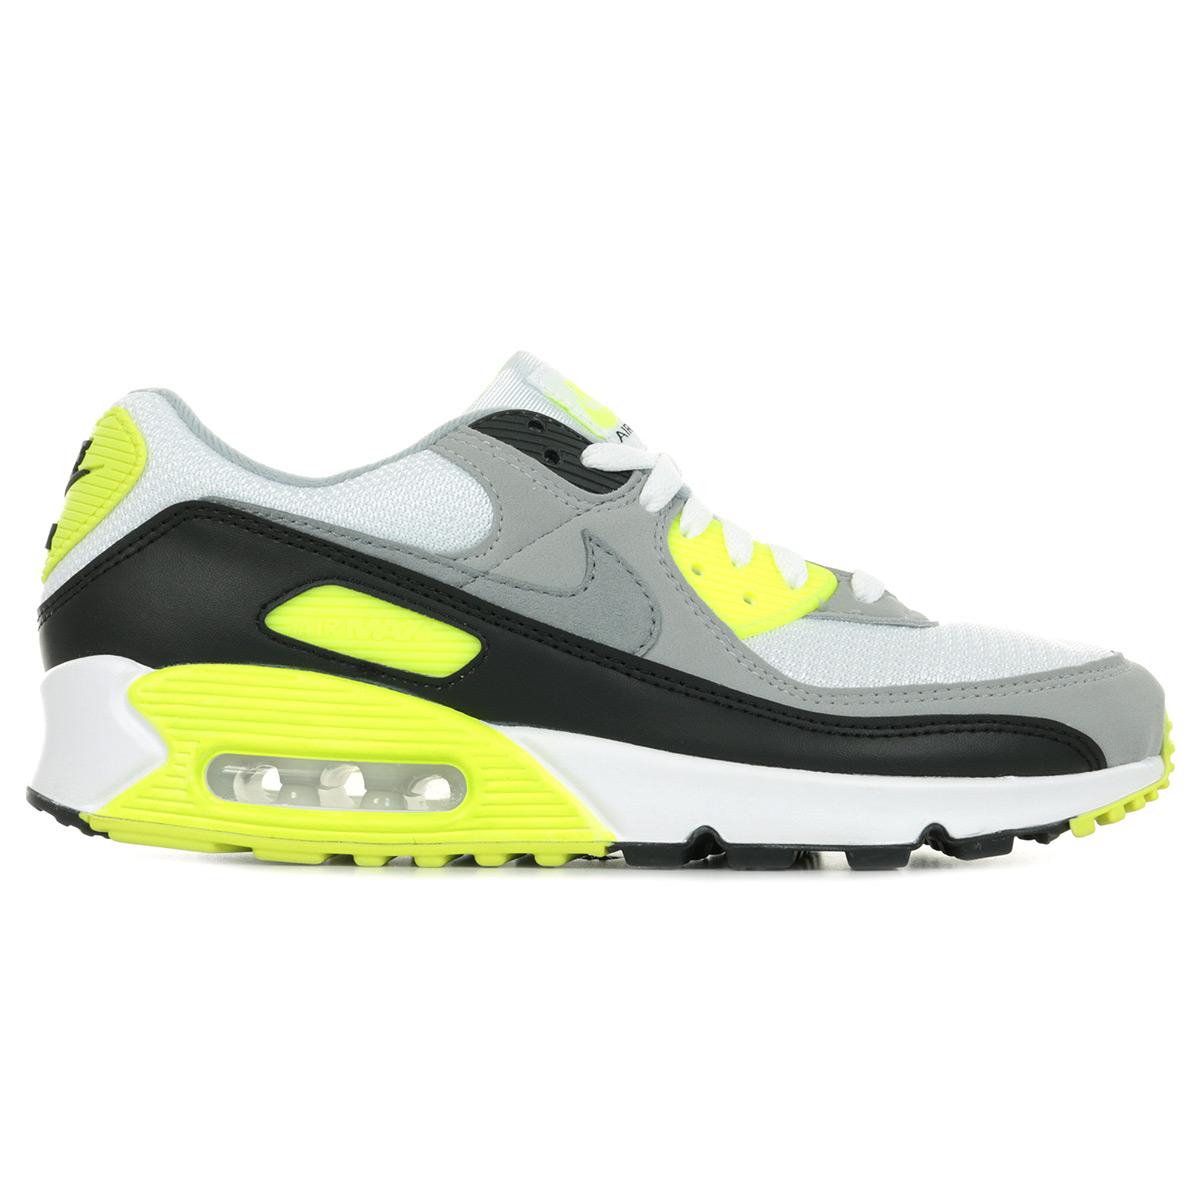 air max 90 chaussure